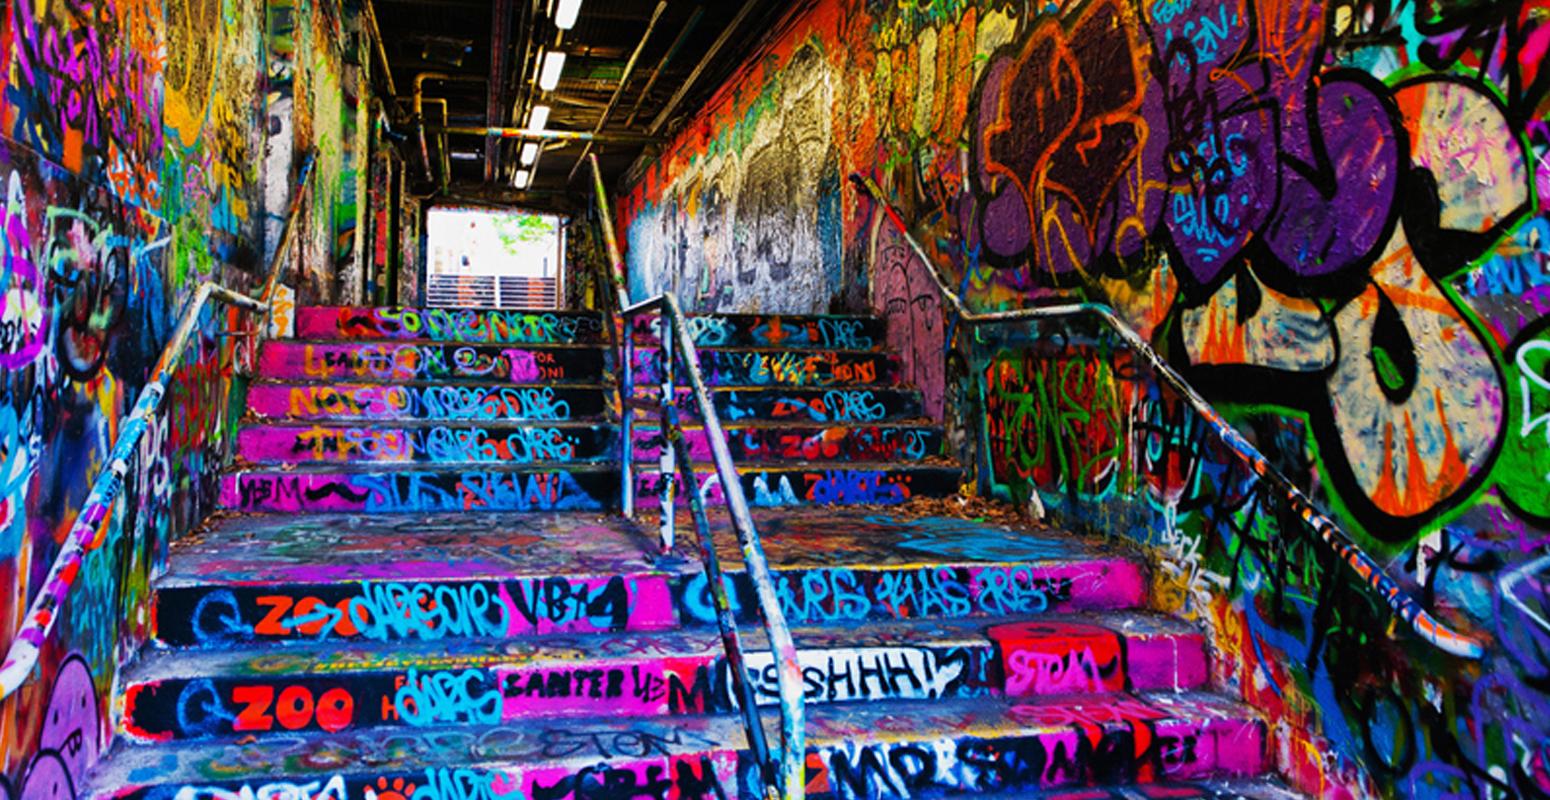 カラフル トンネル シドニー大学